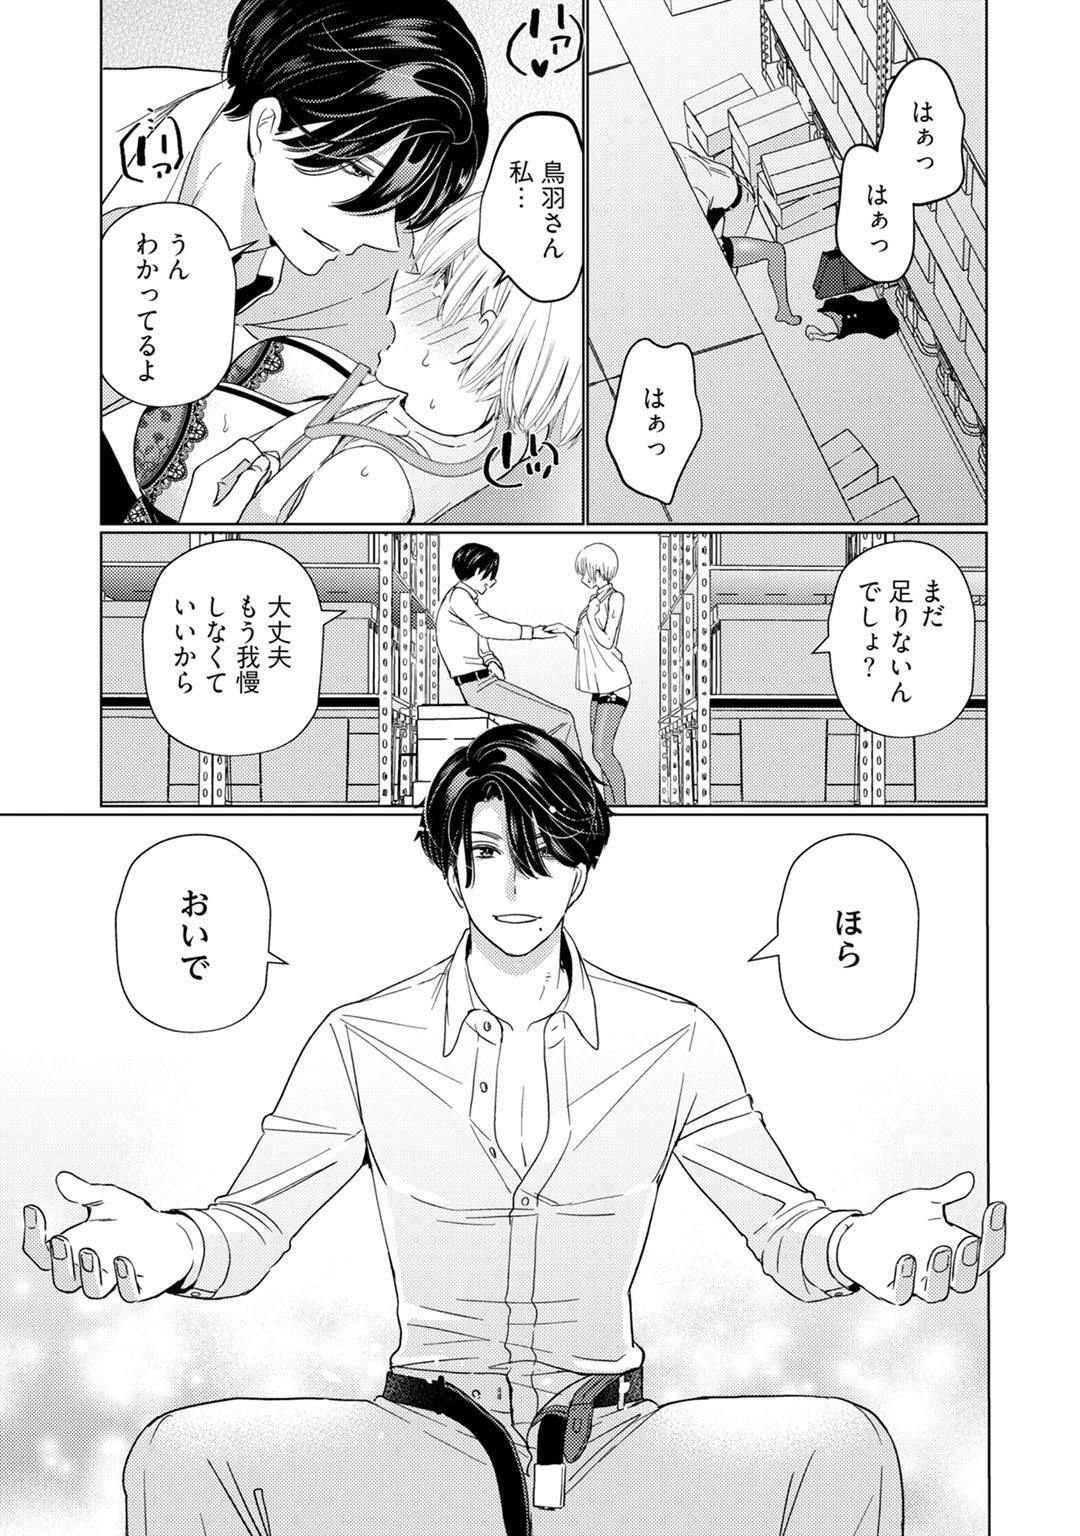 [Okonogi Happa] Kyonyuu-chan to Kyokon Joushi -Kaisha de Musabori Sex- act. 2 32